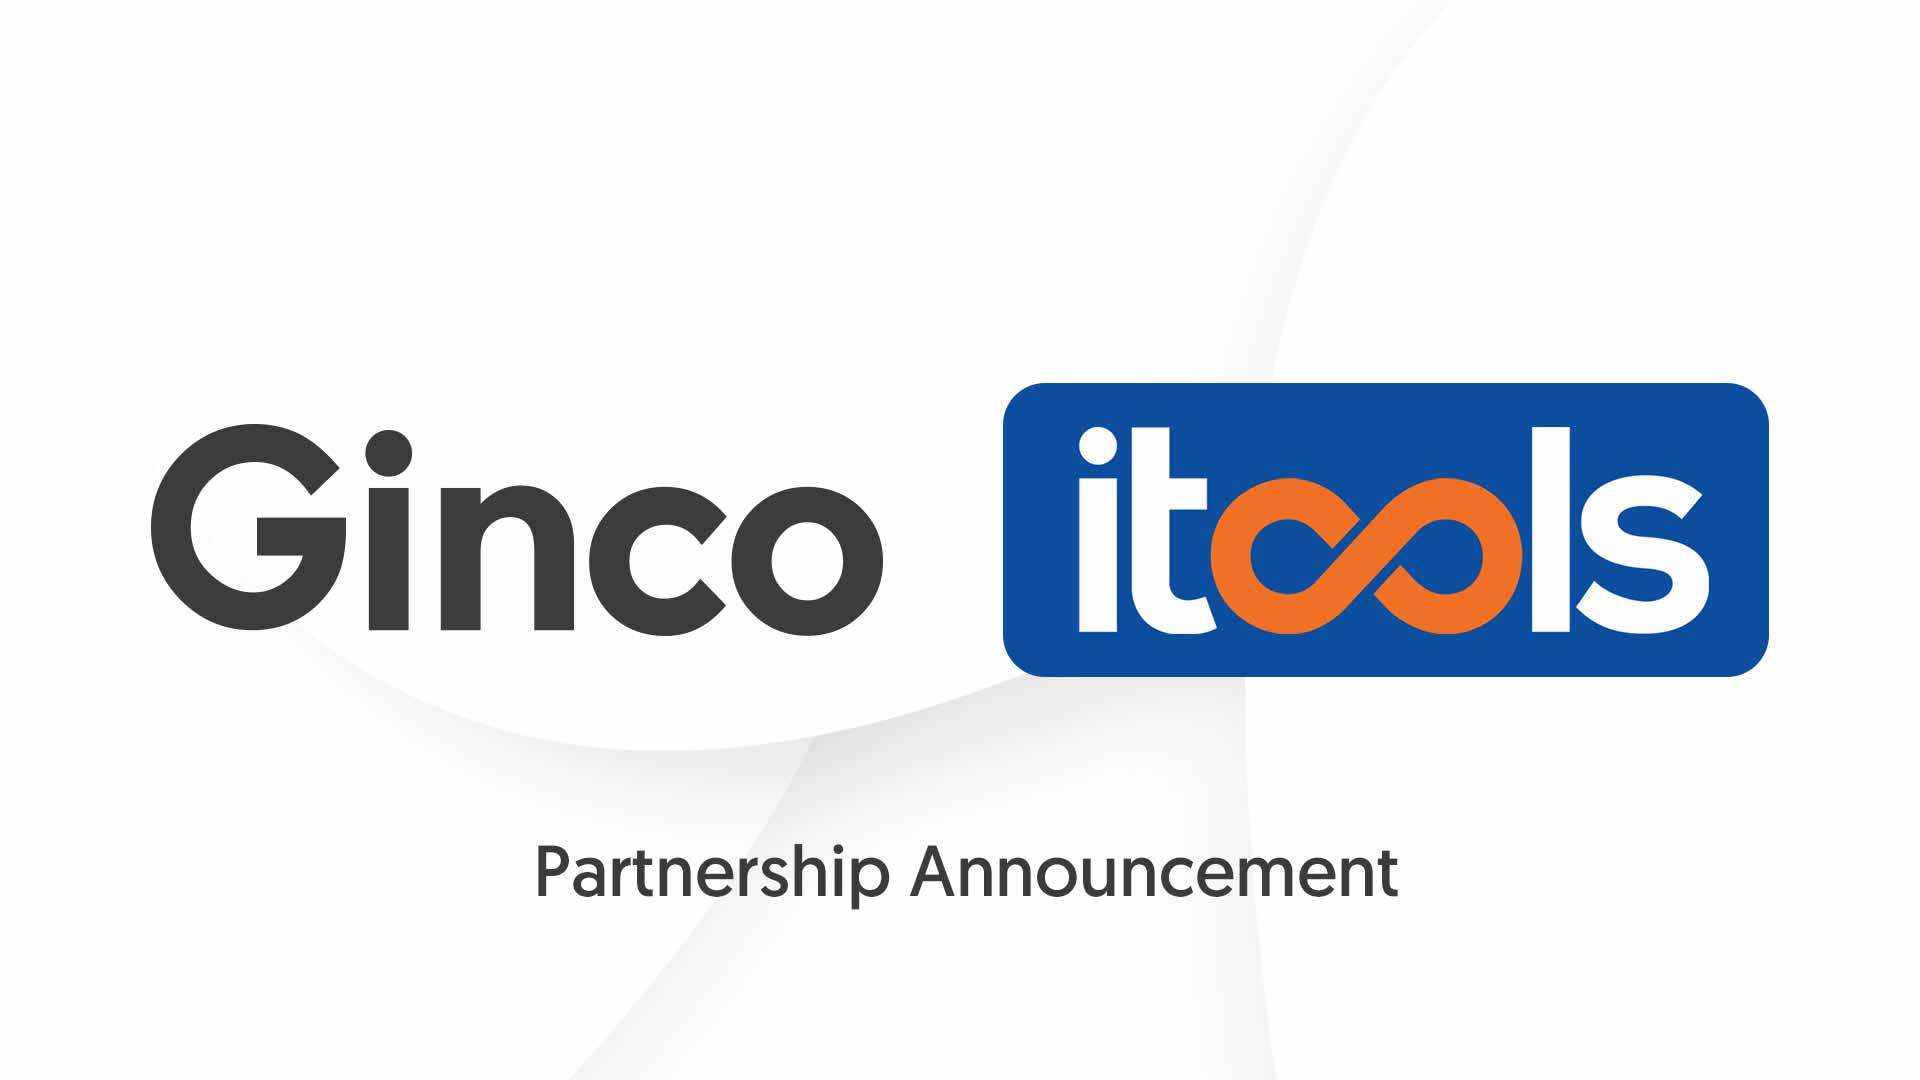 マイニング事業を展開するGinco Mongol、モンゴル最大規模のITベンダー「 iTools」と提携。ウォレット直結型のクラウドマイニングを開発